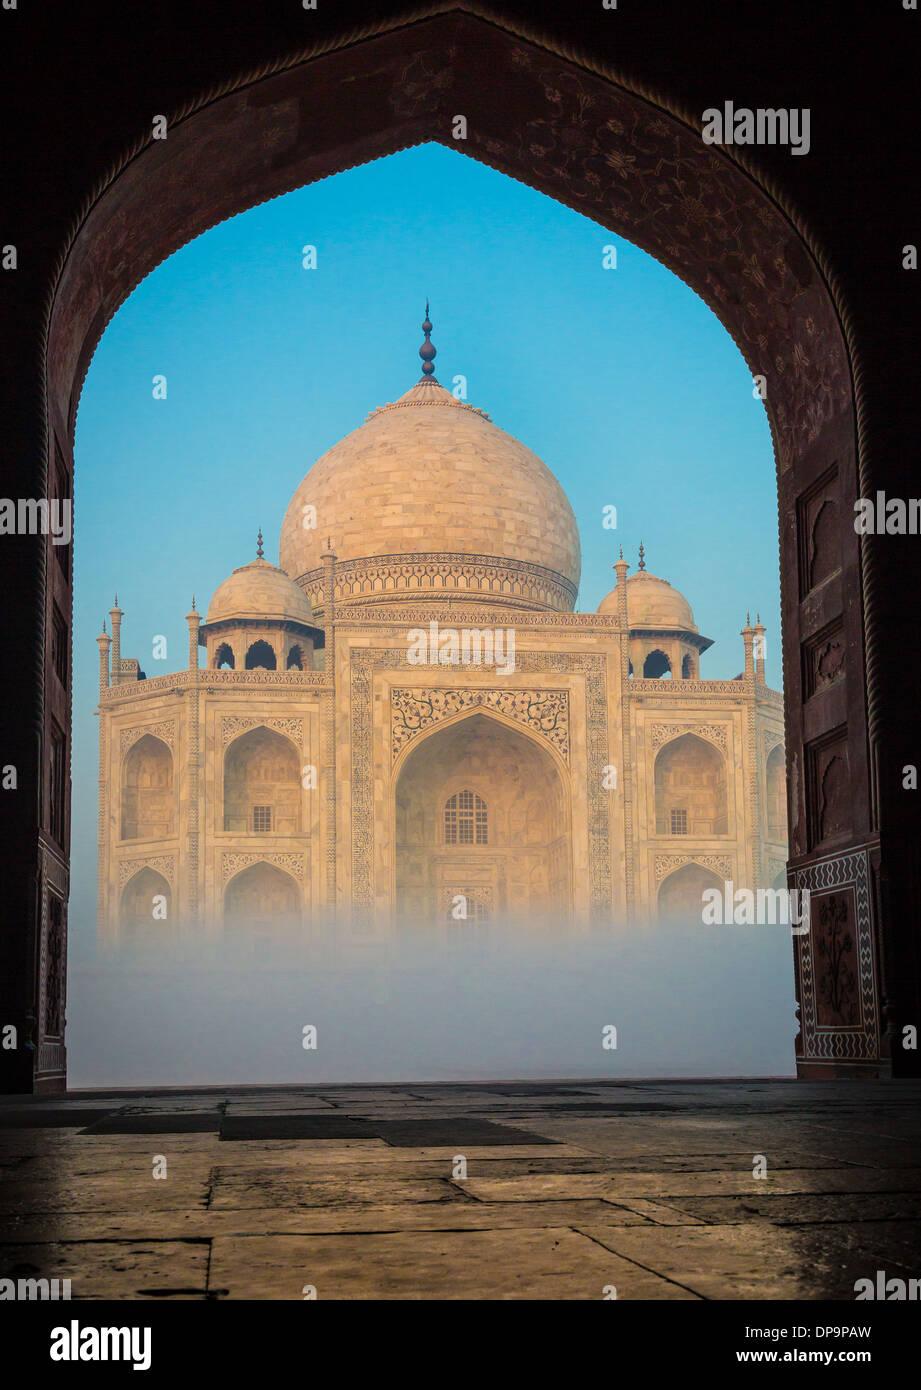 Das Taj Mahal ist ein weißer Marmor-Mausoleum befindet sich in Agra, Uttar Pradesh, Indien Stockbild